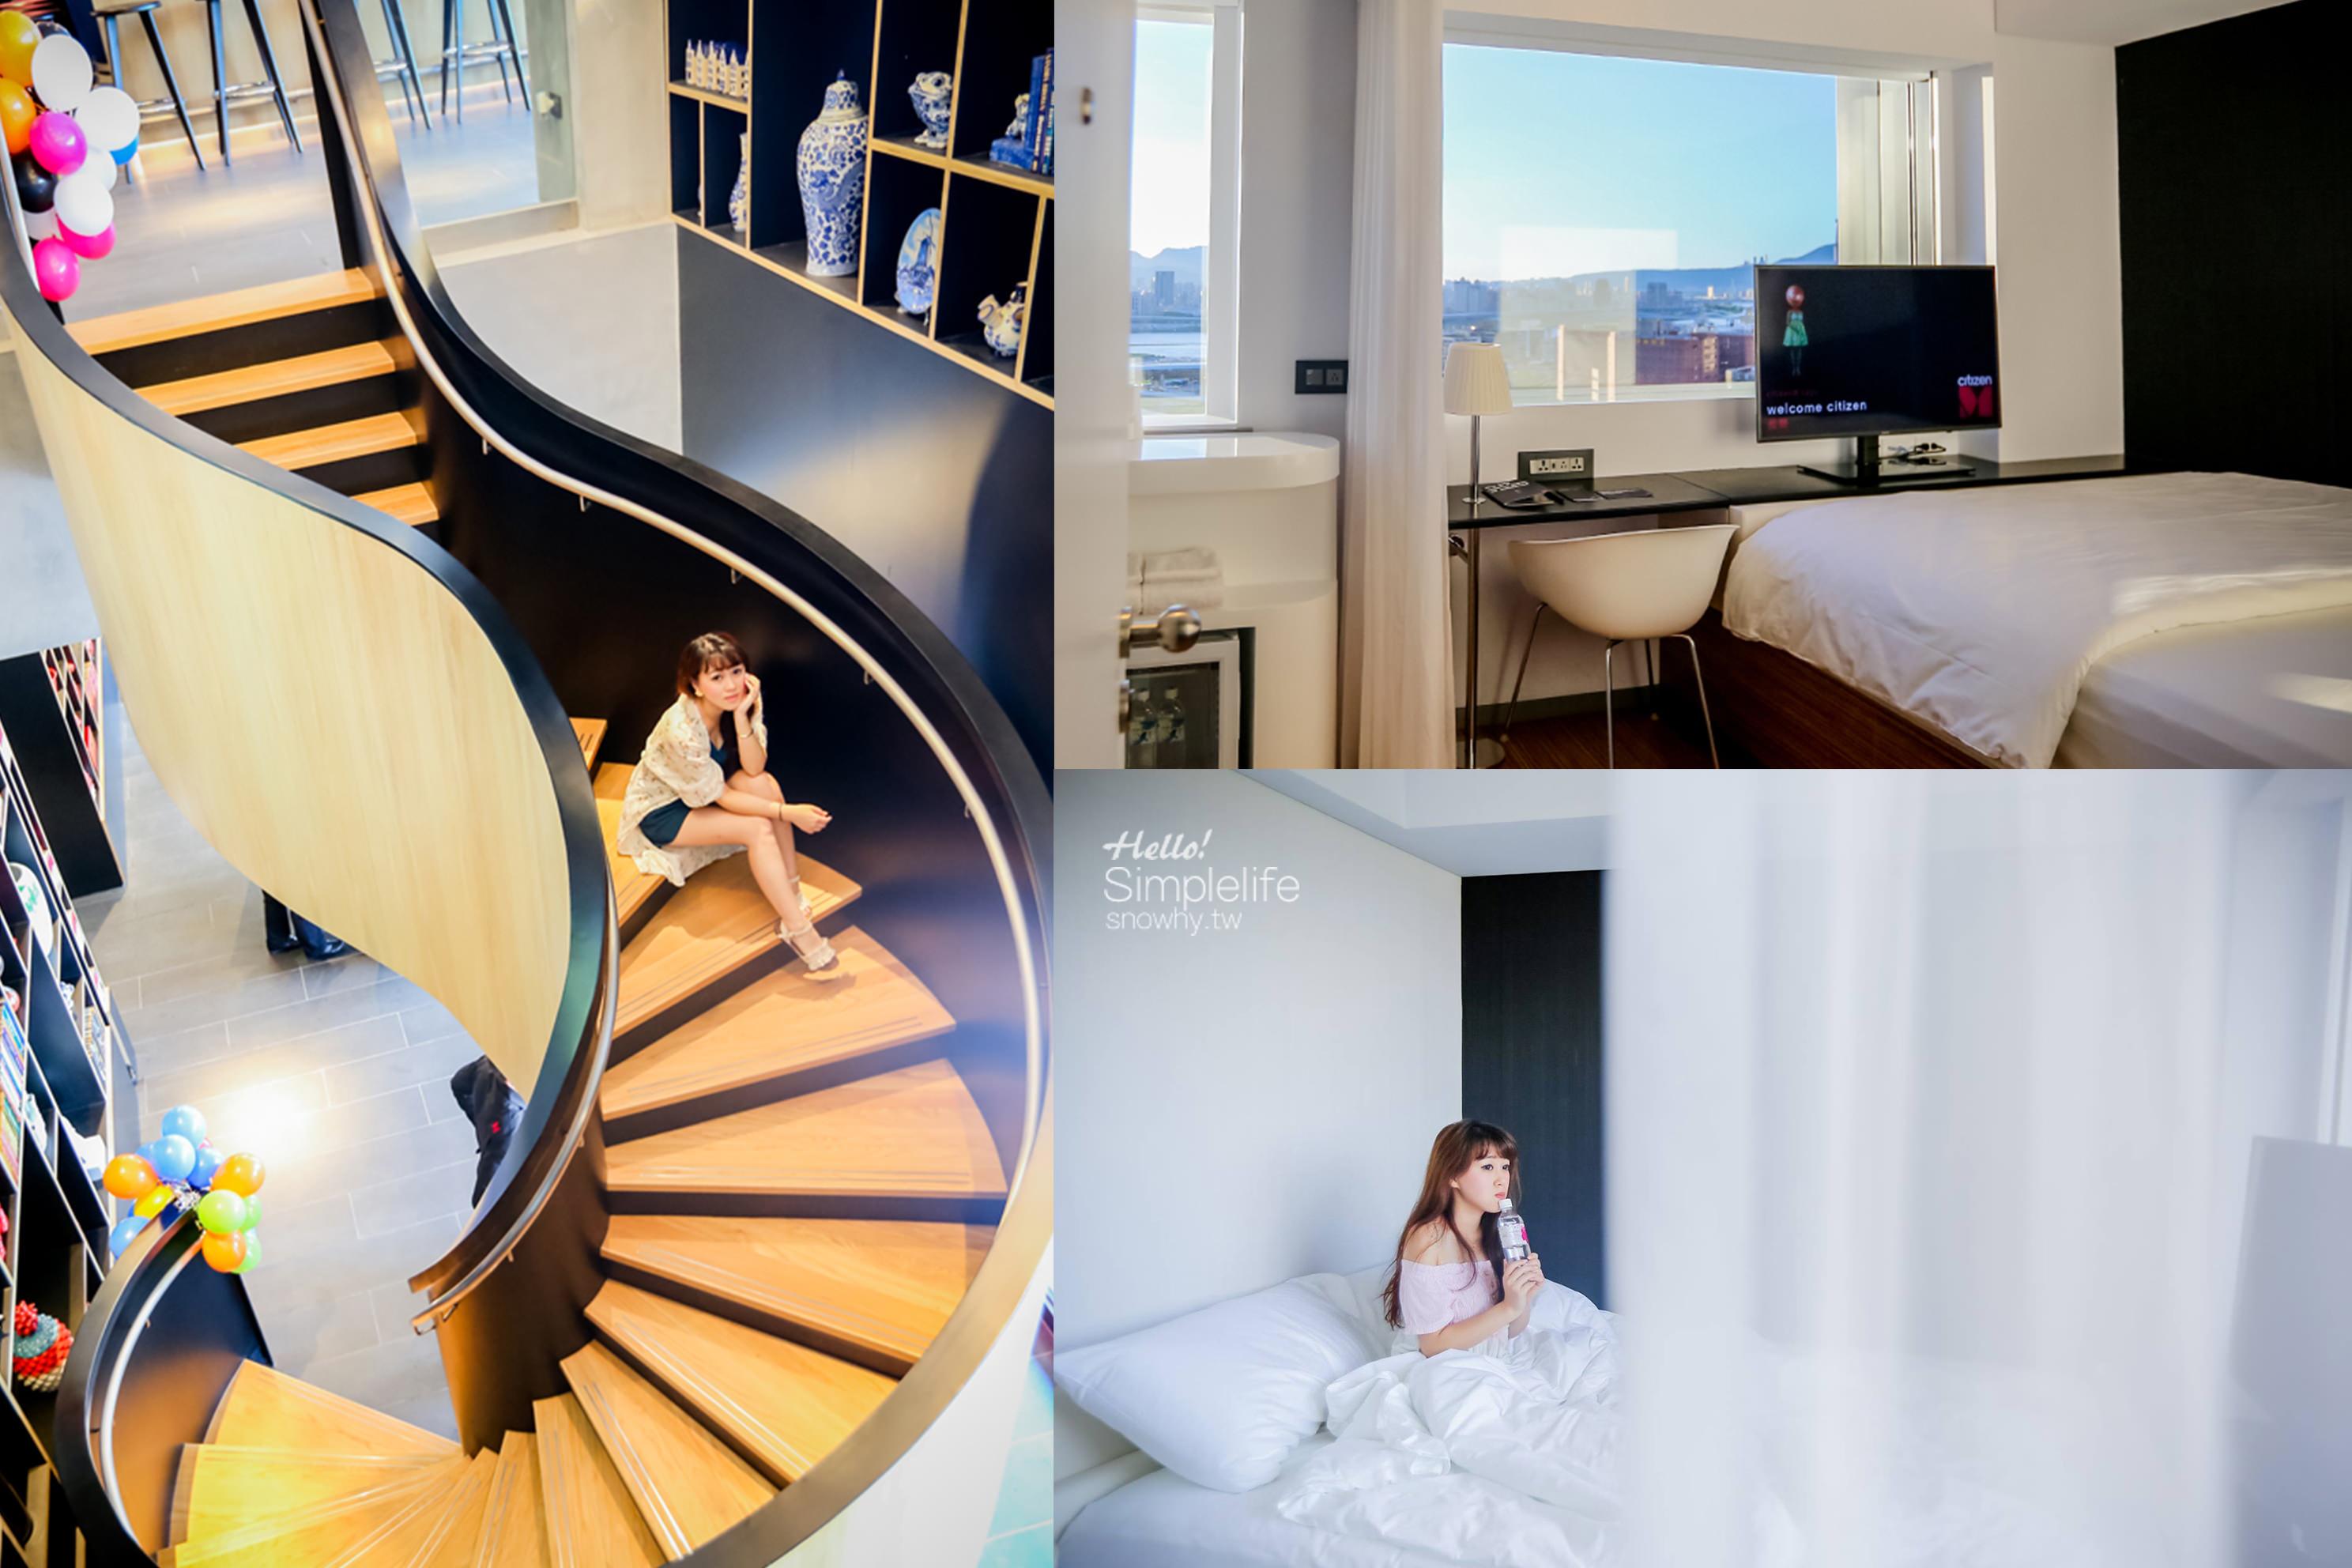 荷蘭潮牌citizenM世民酒店進駐台北北門.無敵美景設計旅店自由行住宿新選擇!